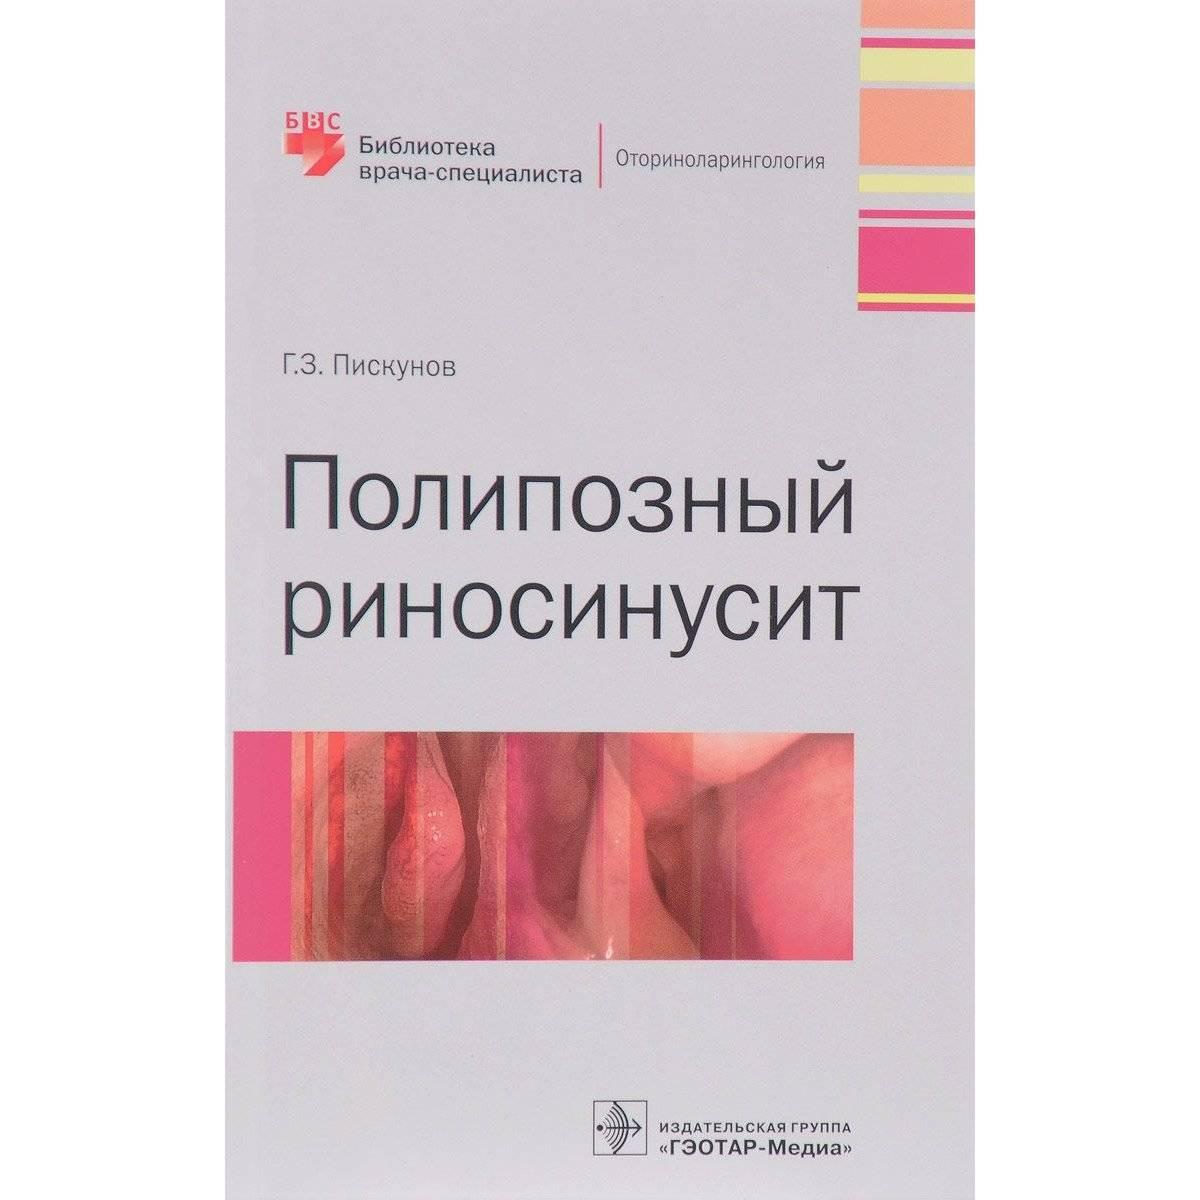 Хронический полипозный риносинусит - «см-клиника» санкт-петербург